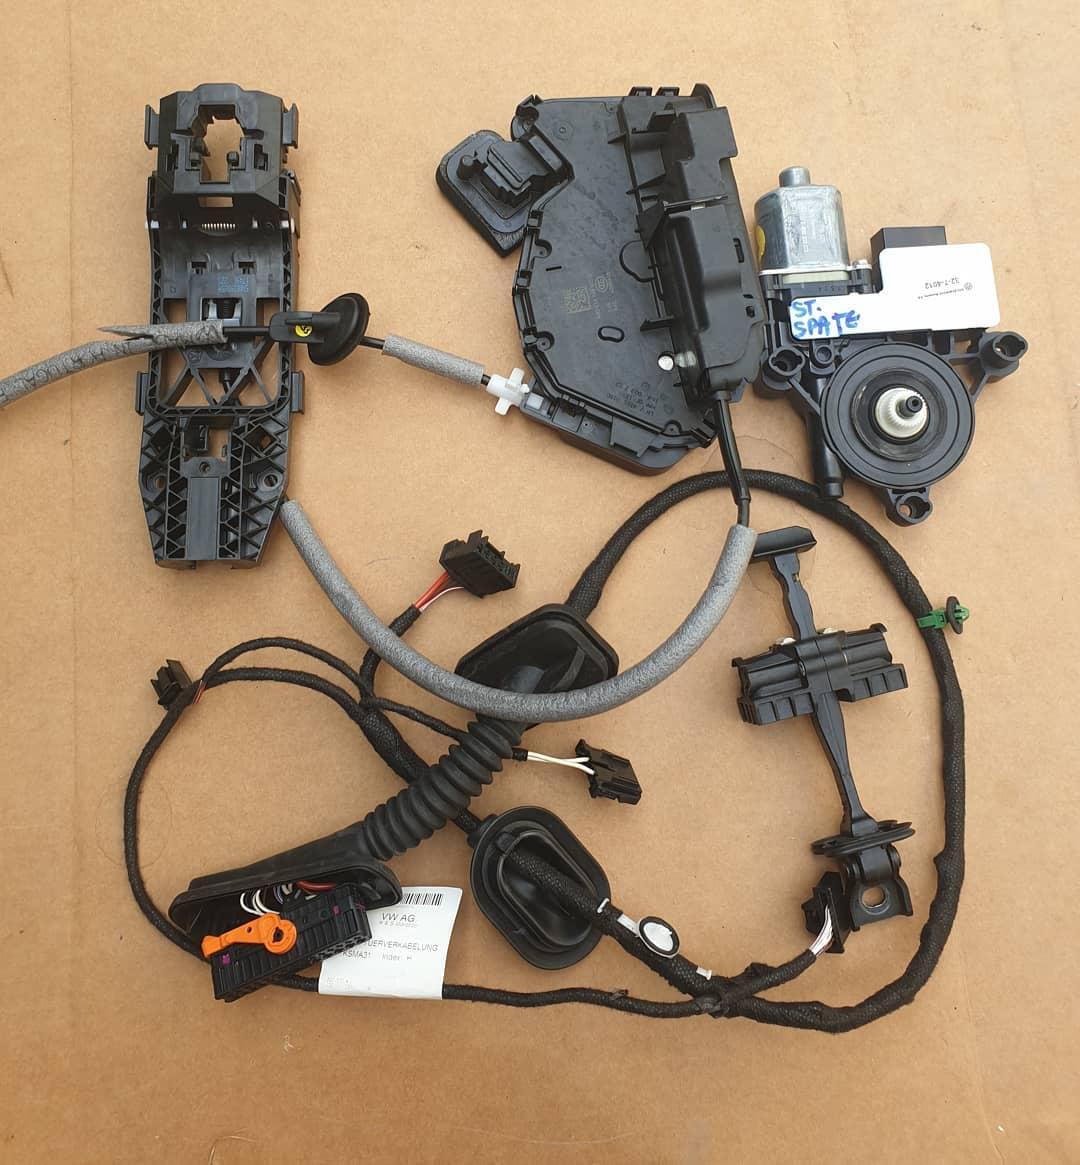 VW Polo Vl Instalatie, motoras geam, balama, incuietoare, broasca, macara geam.